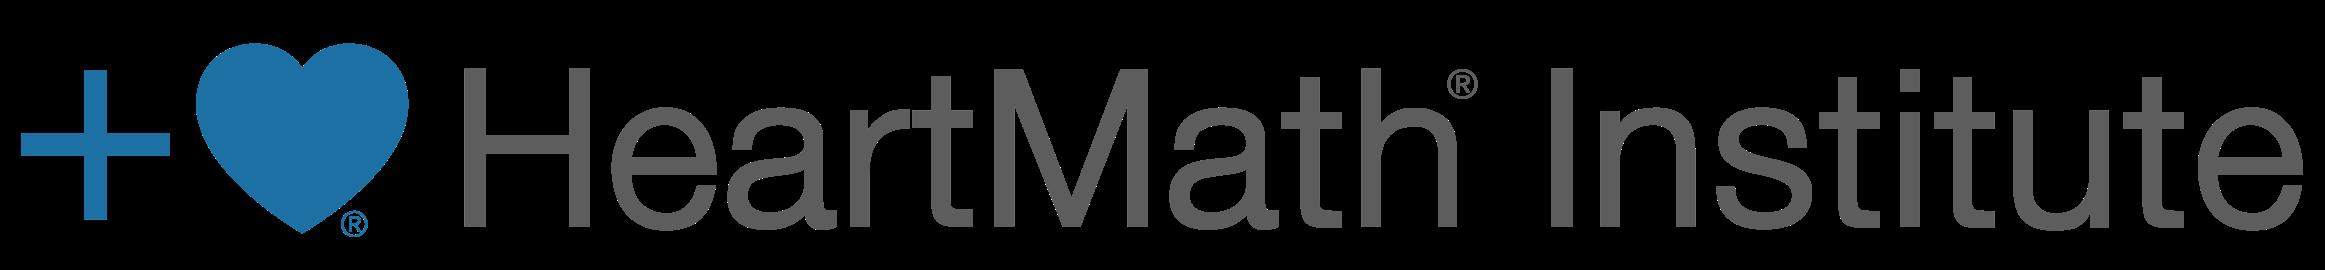 HeartMath